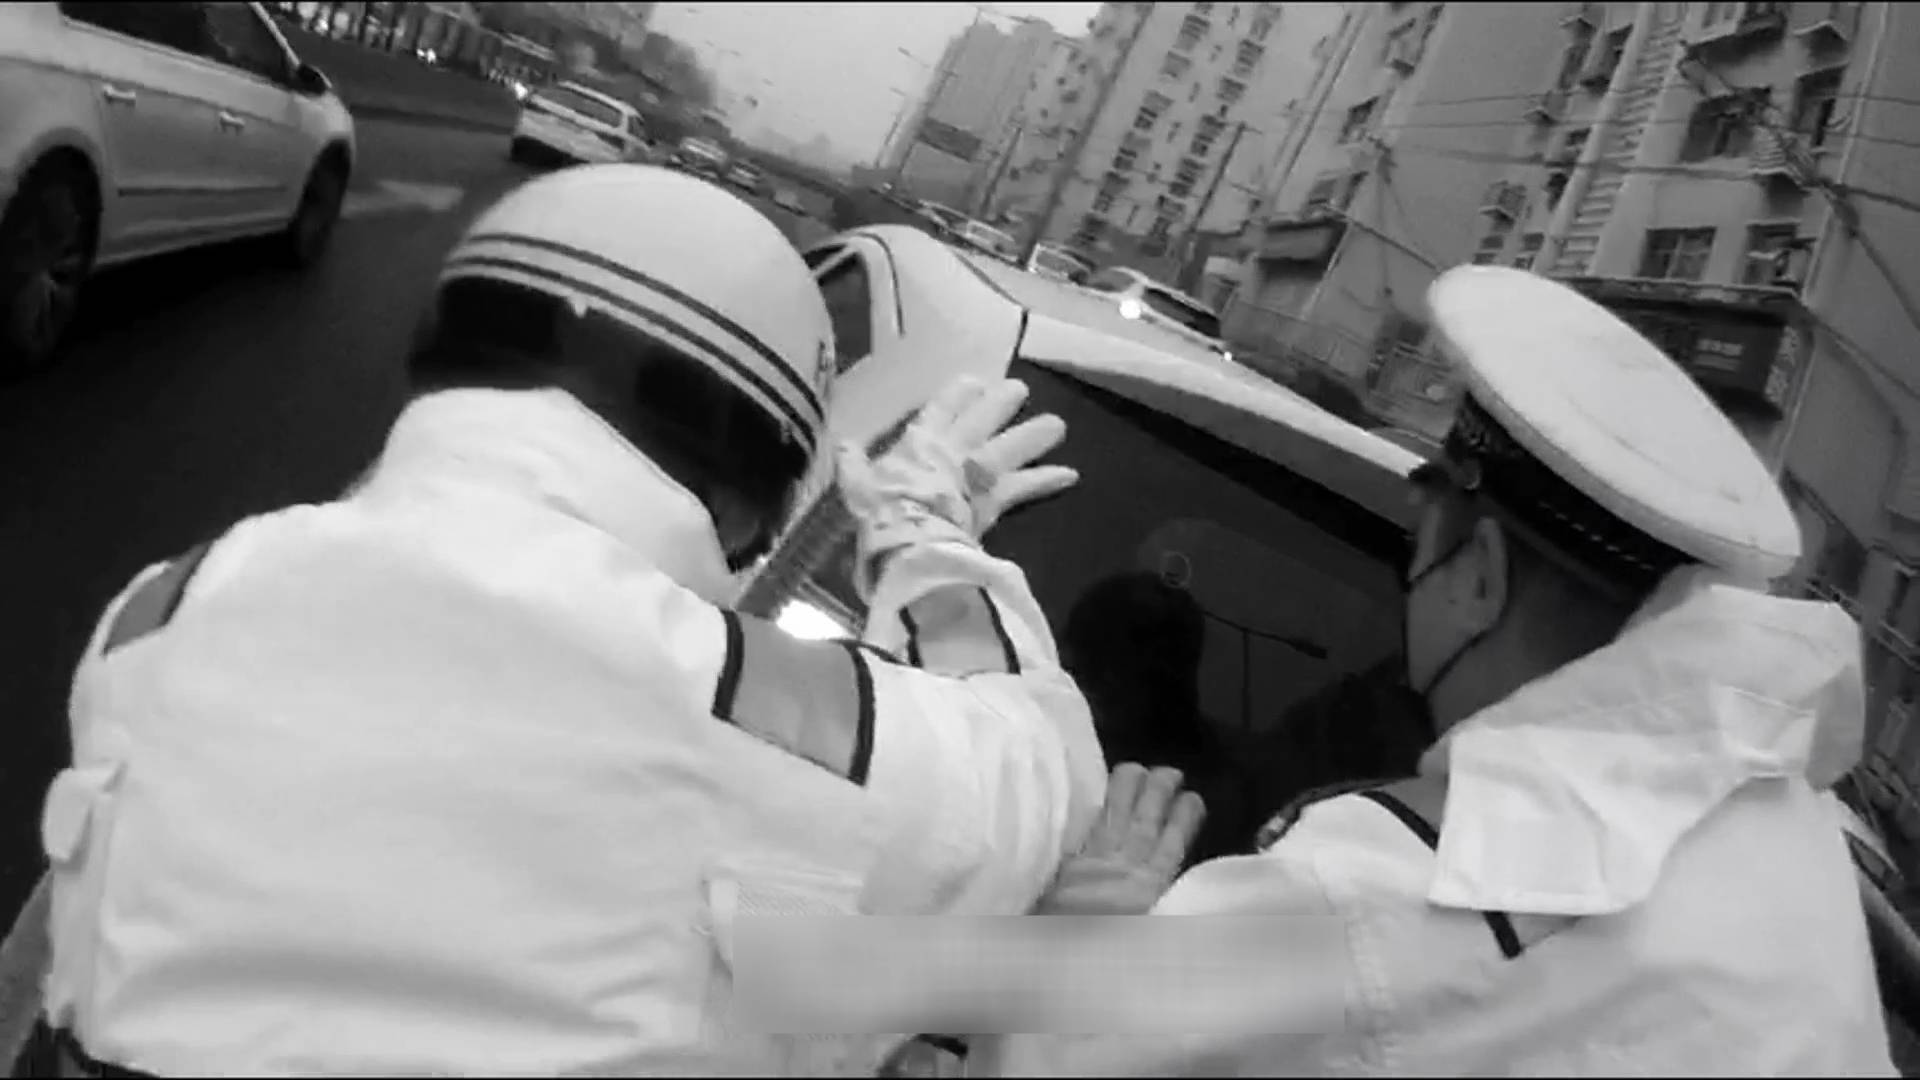 69秒|轿车高架路上抛锚 青岛4名执勤交警推行860多米让出通行道路